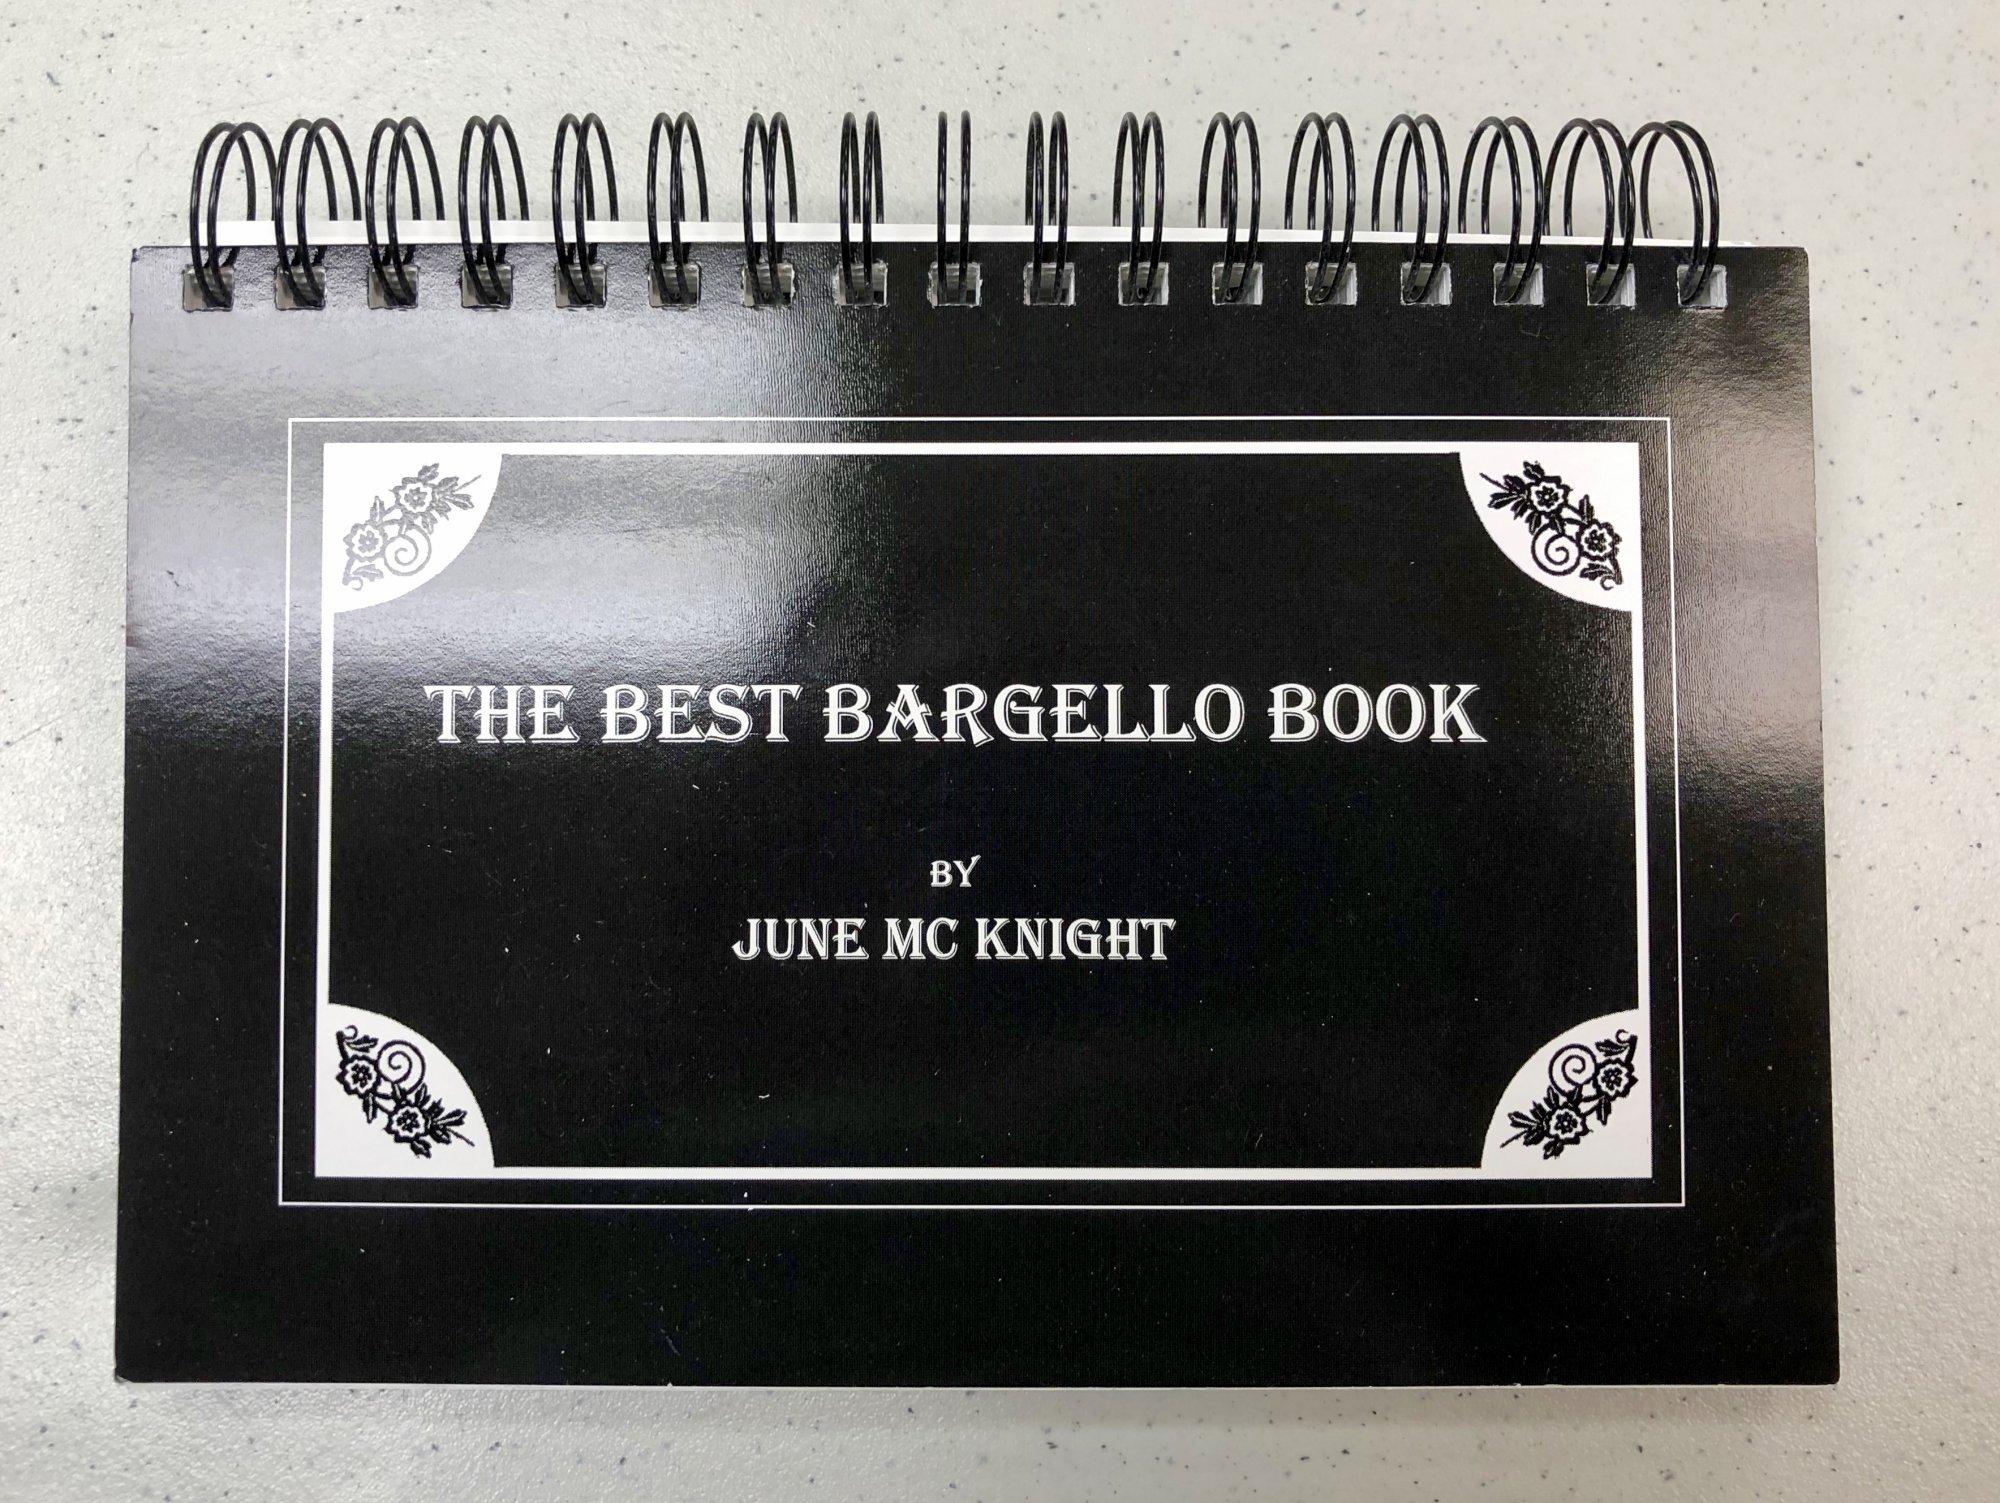 best bargello book